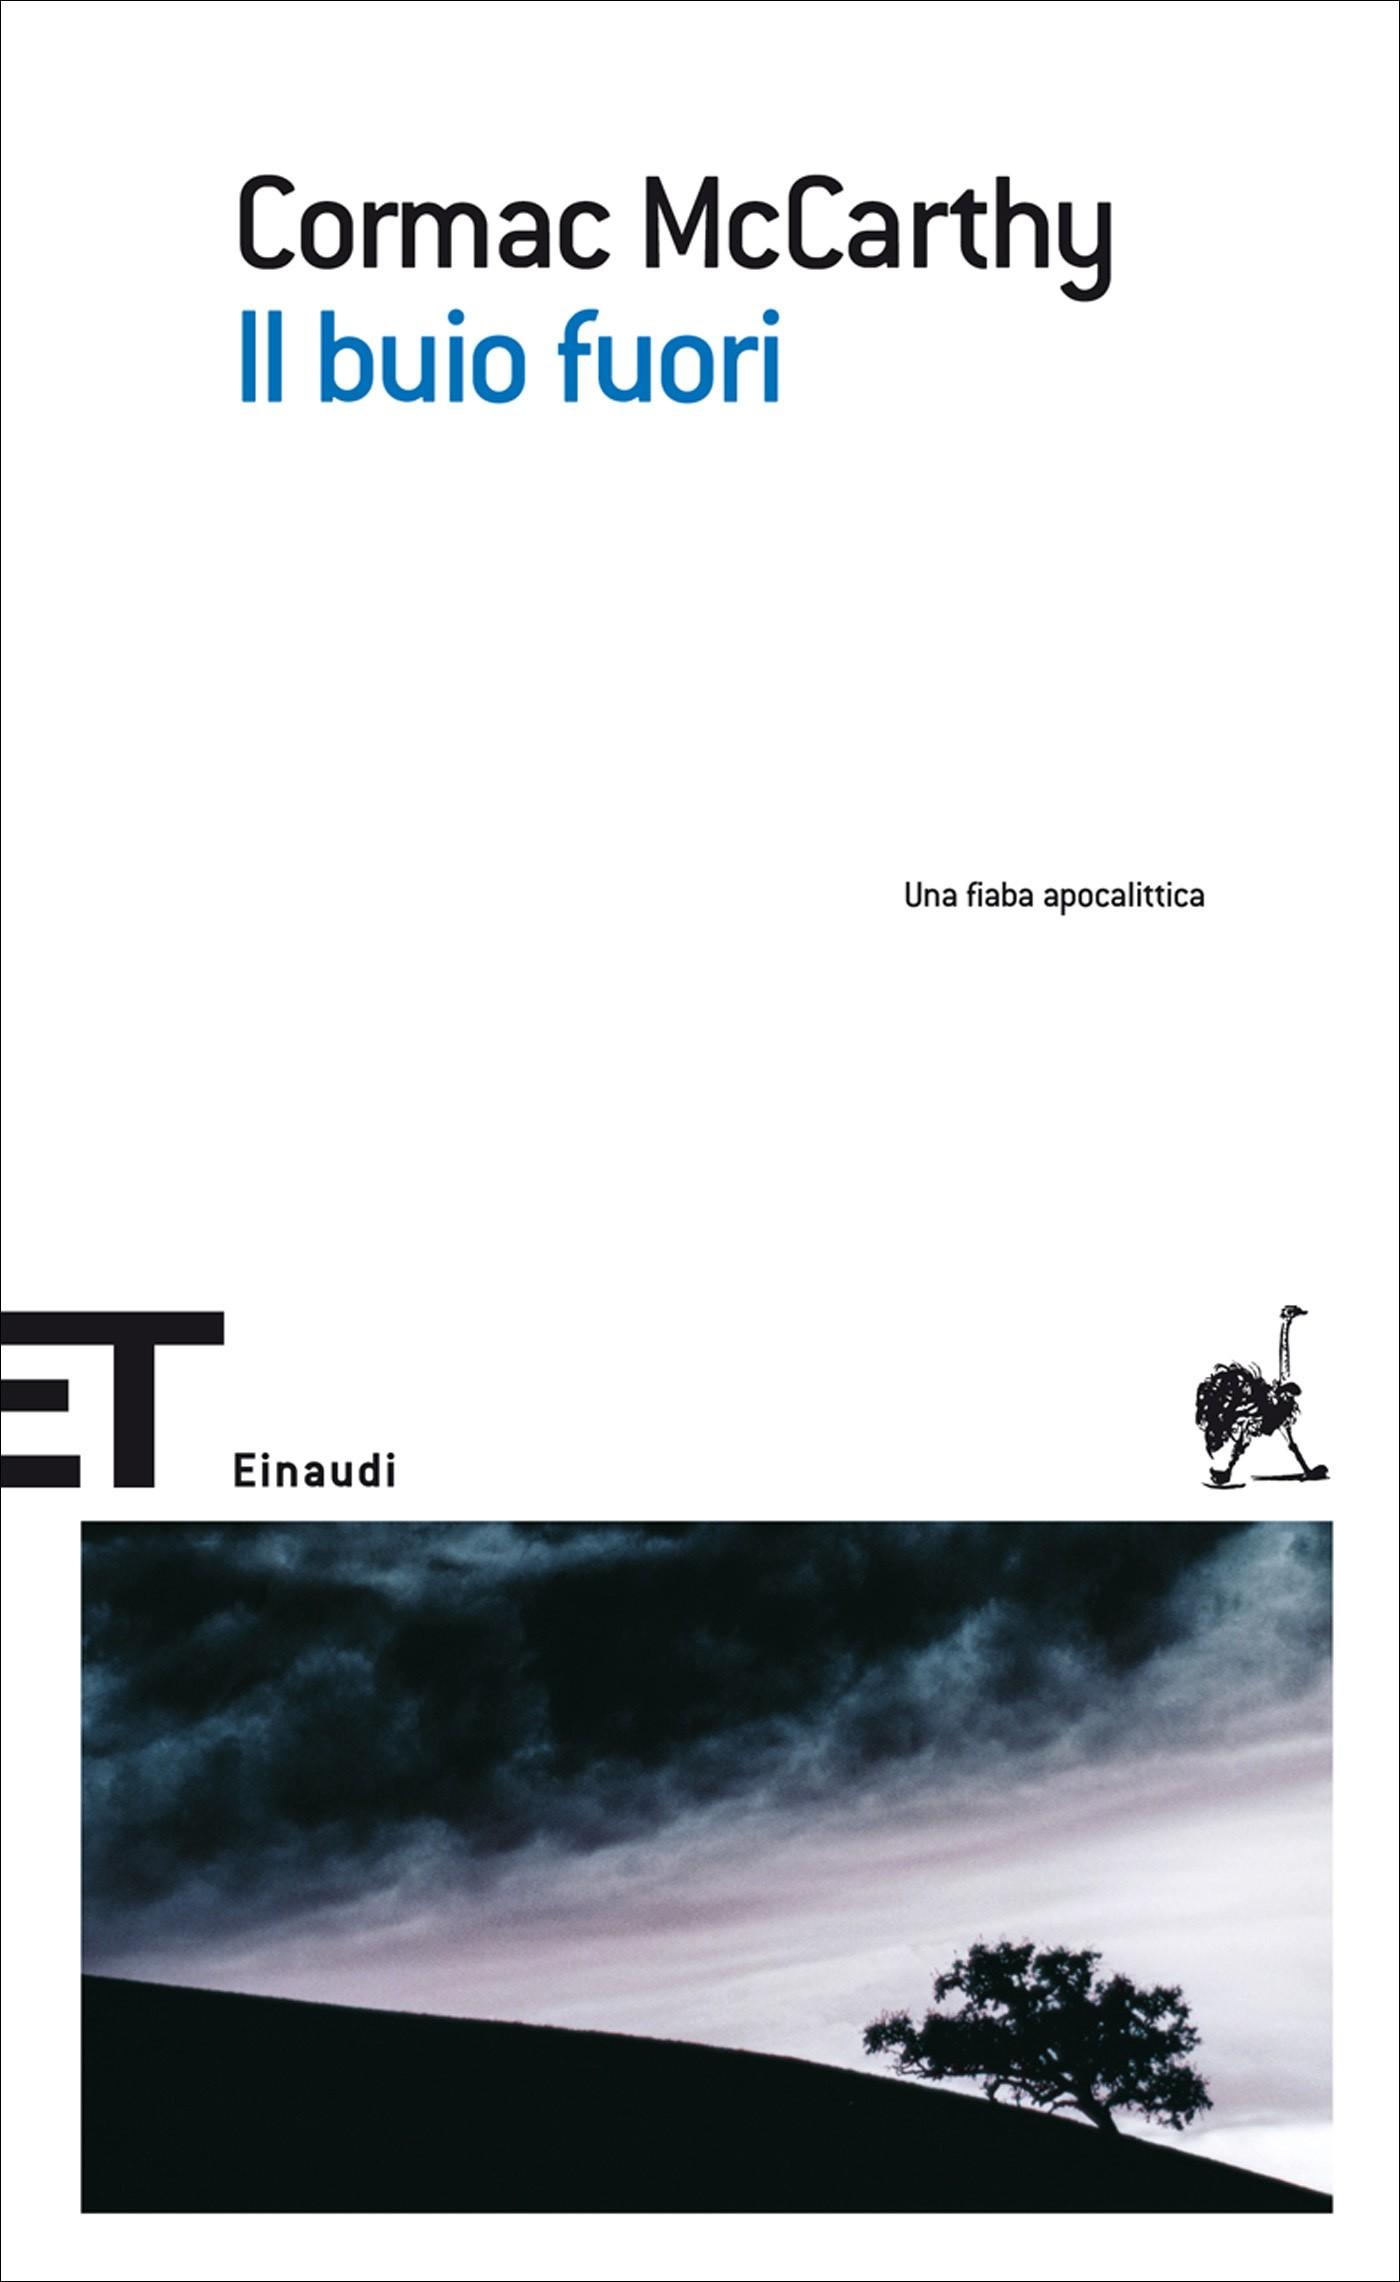 Cormac McCarthy, Il buio fuori, Einaudi